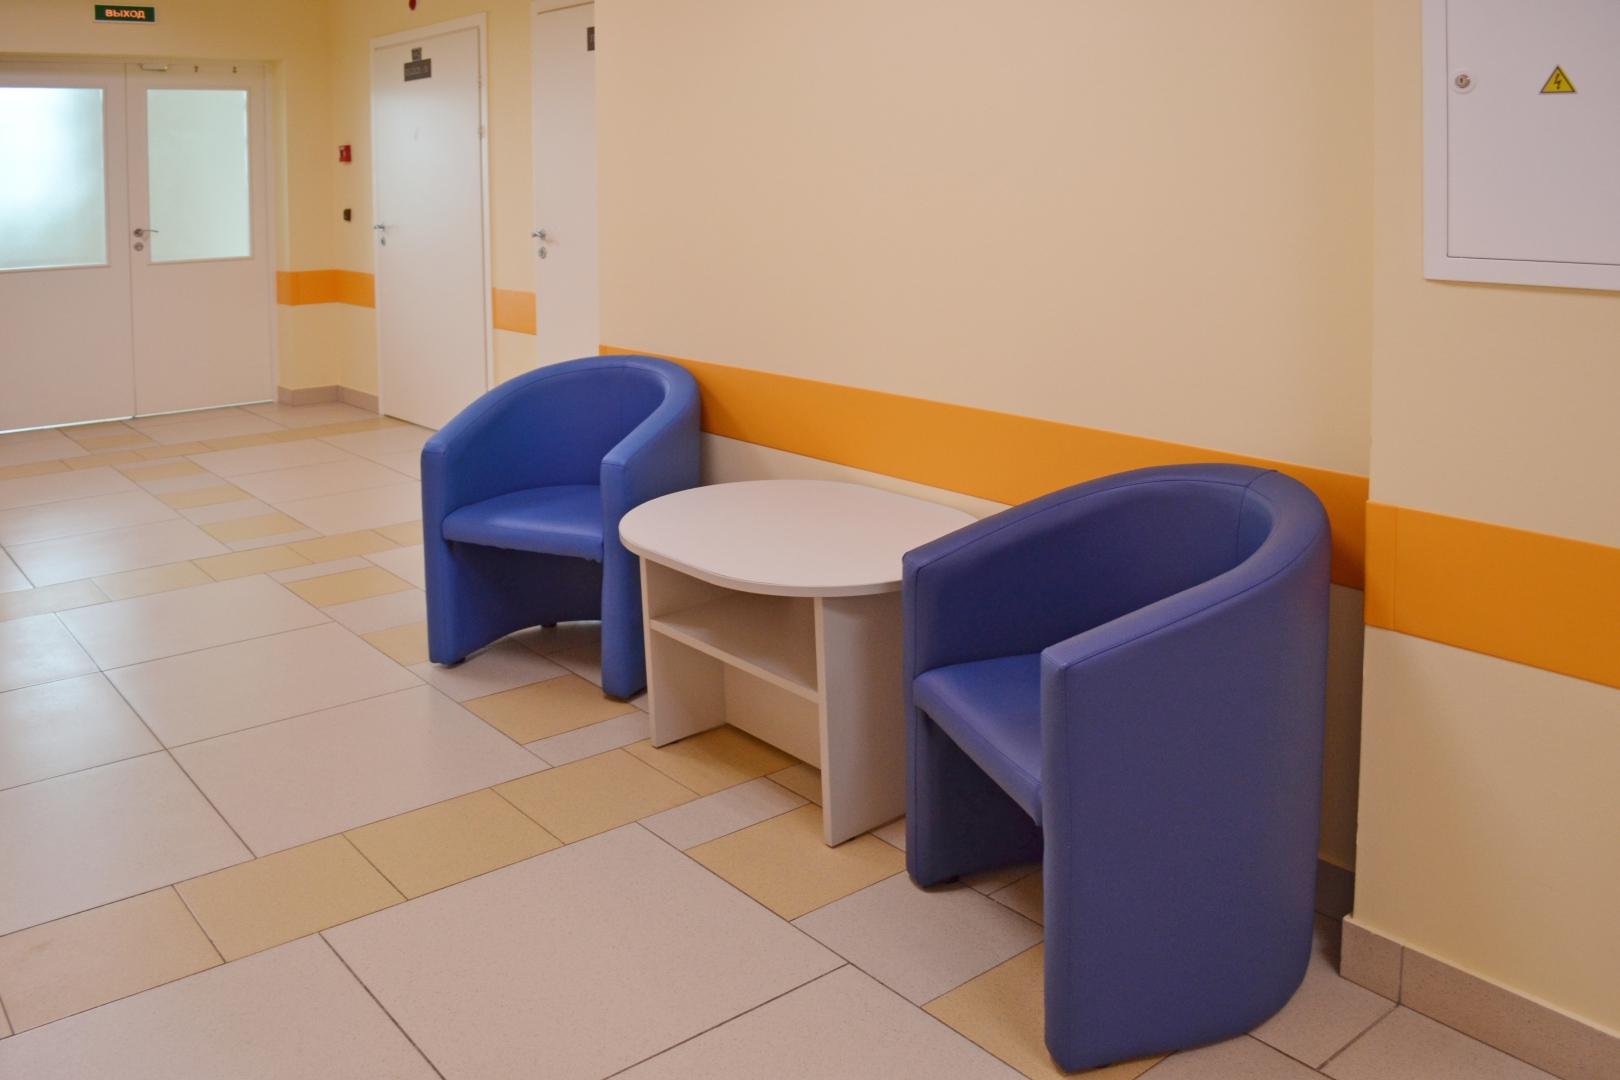 Перинатальный центр при Санкт-Петербургском государственном педиатрическом медицинском университете